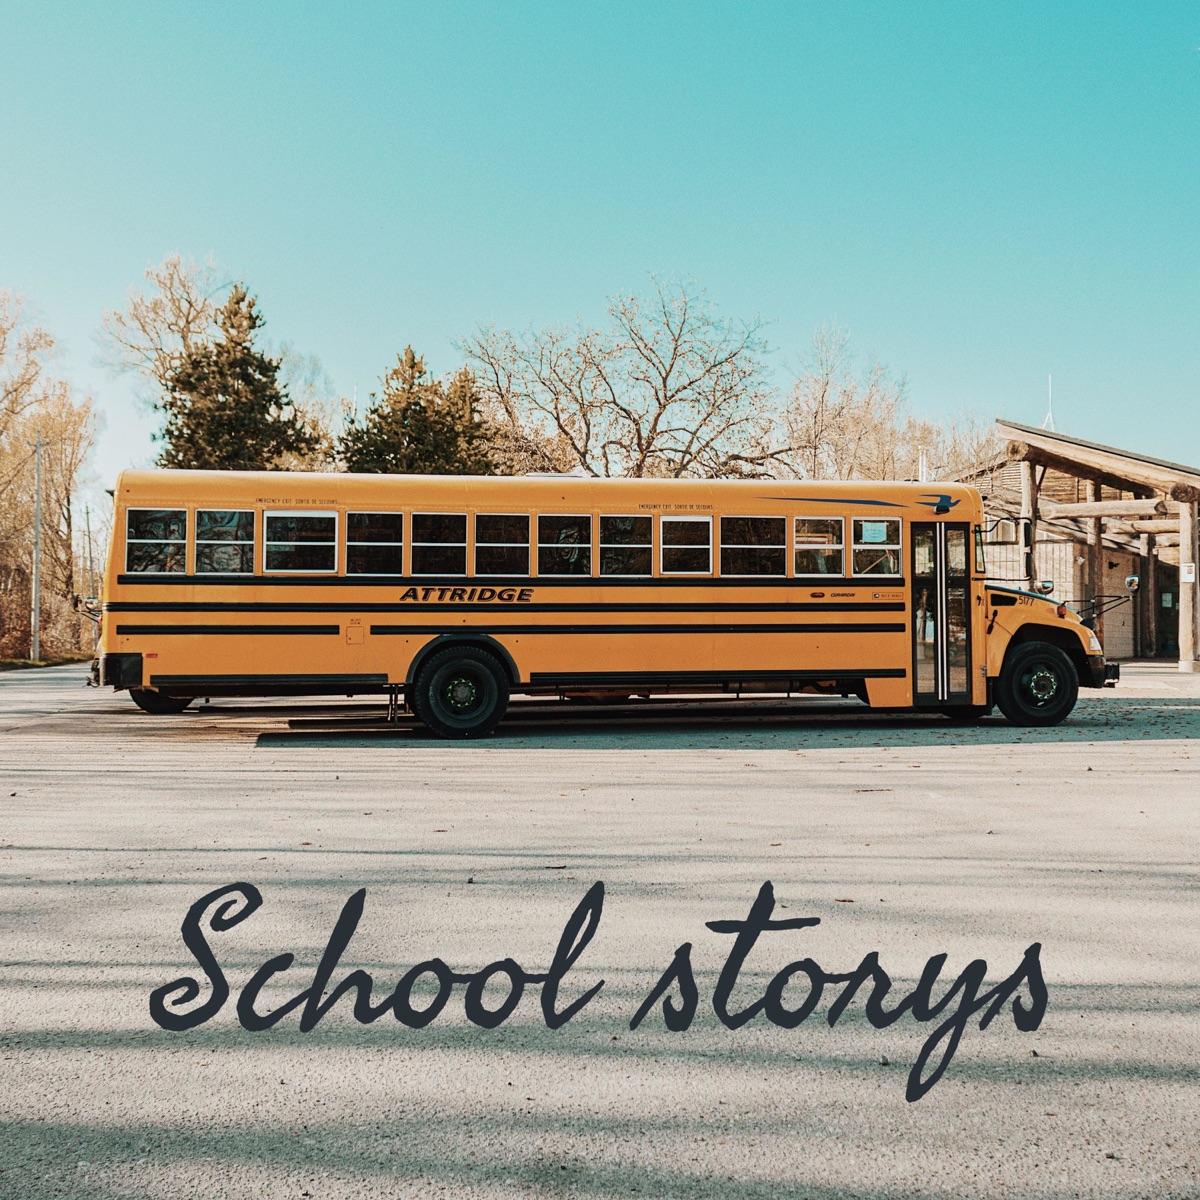 School storys